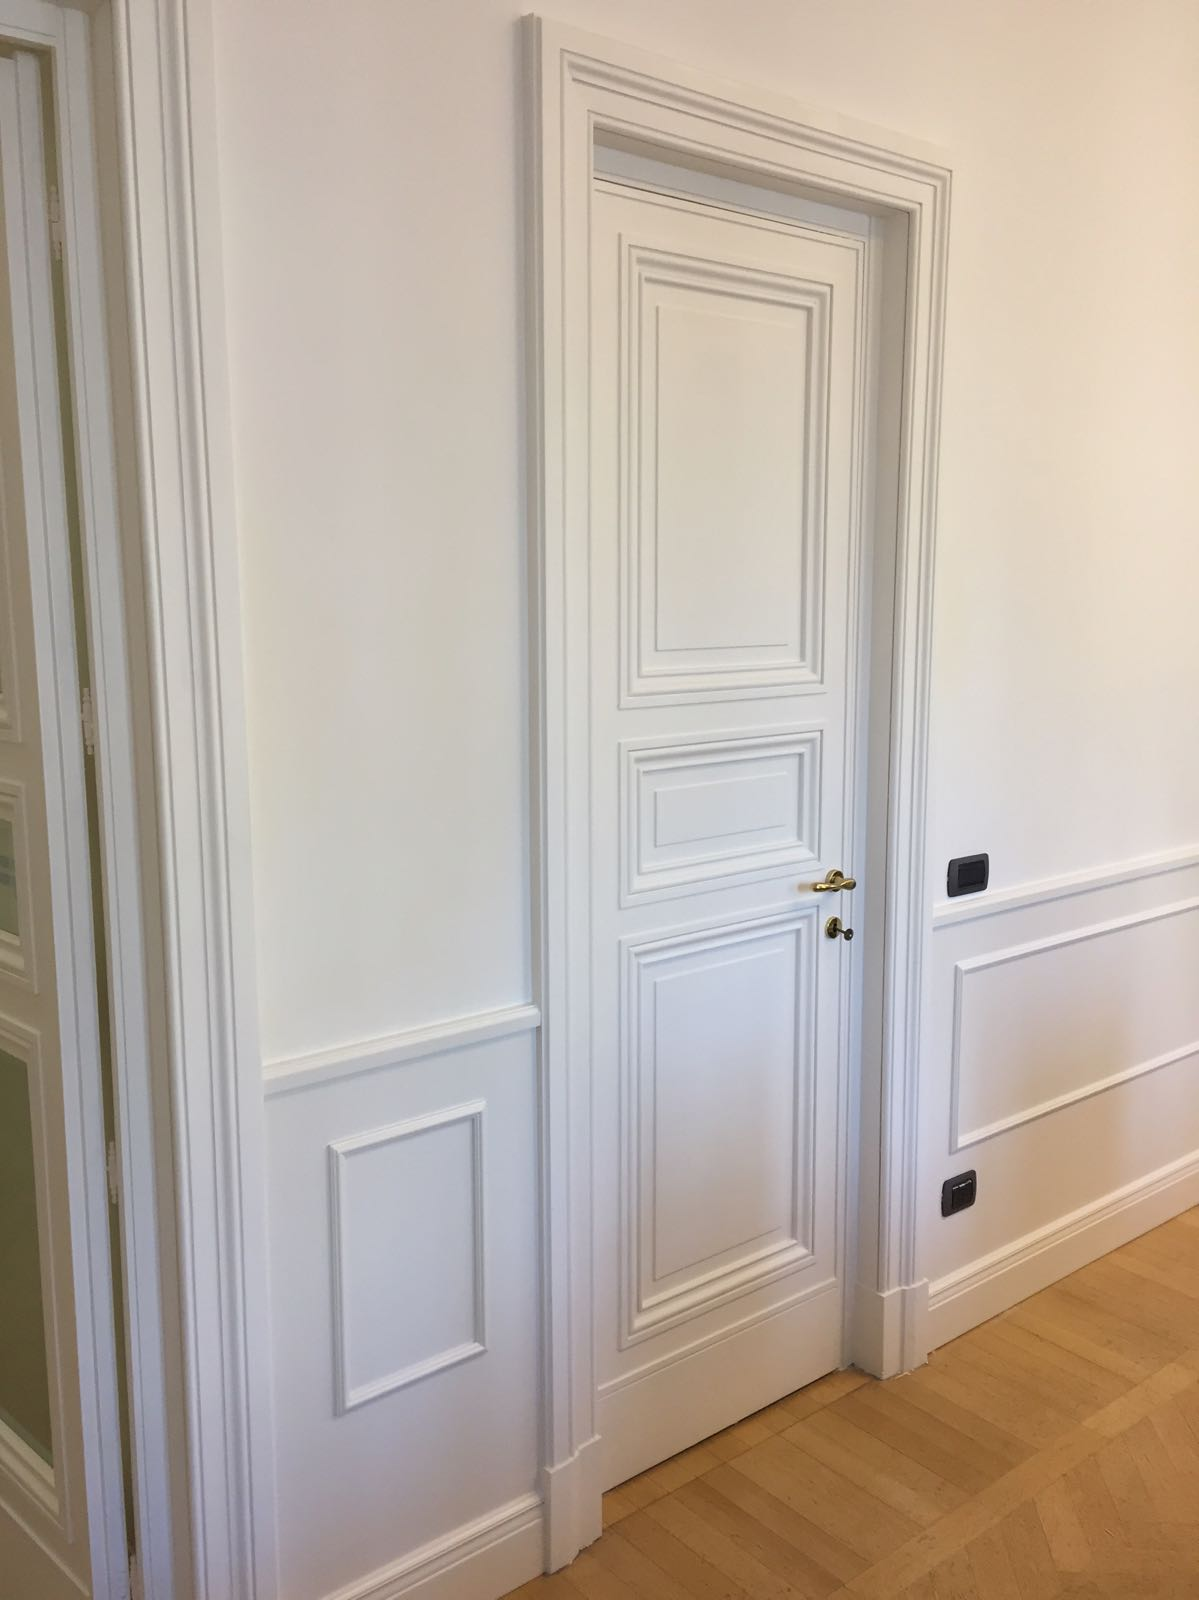 Porte per ufficio su misura roma ESCAPE='HTML'